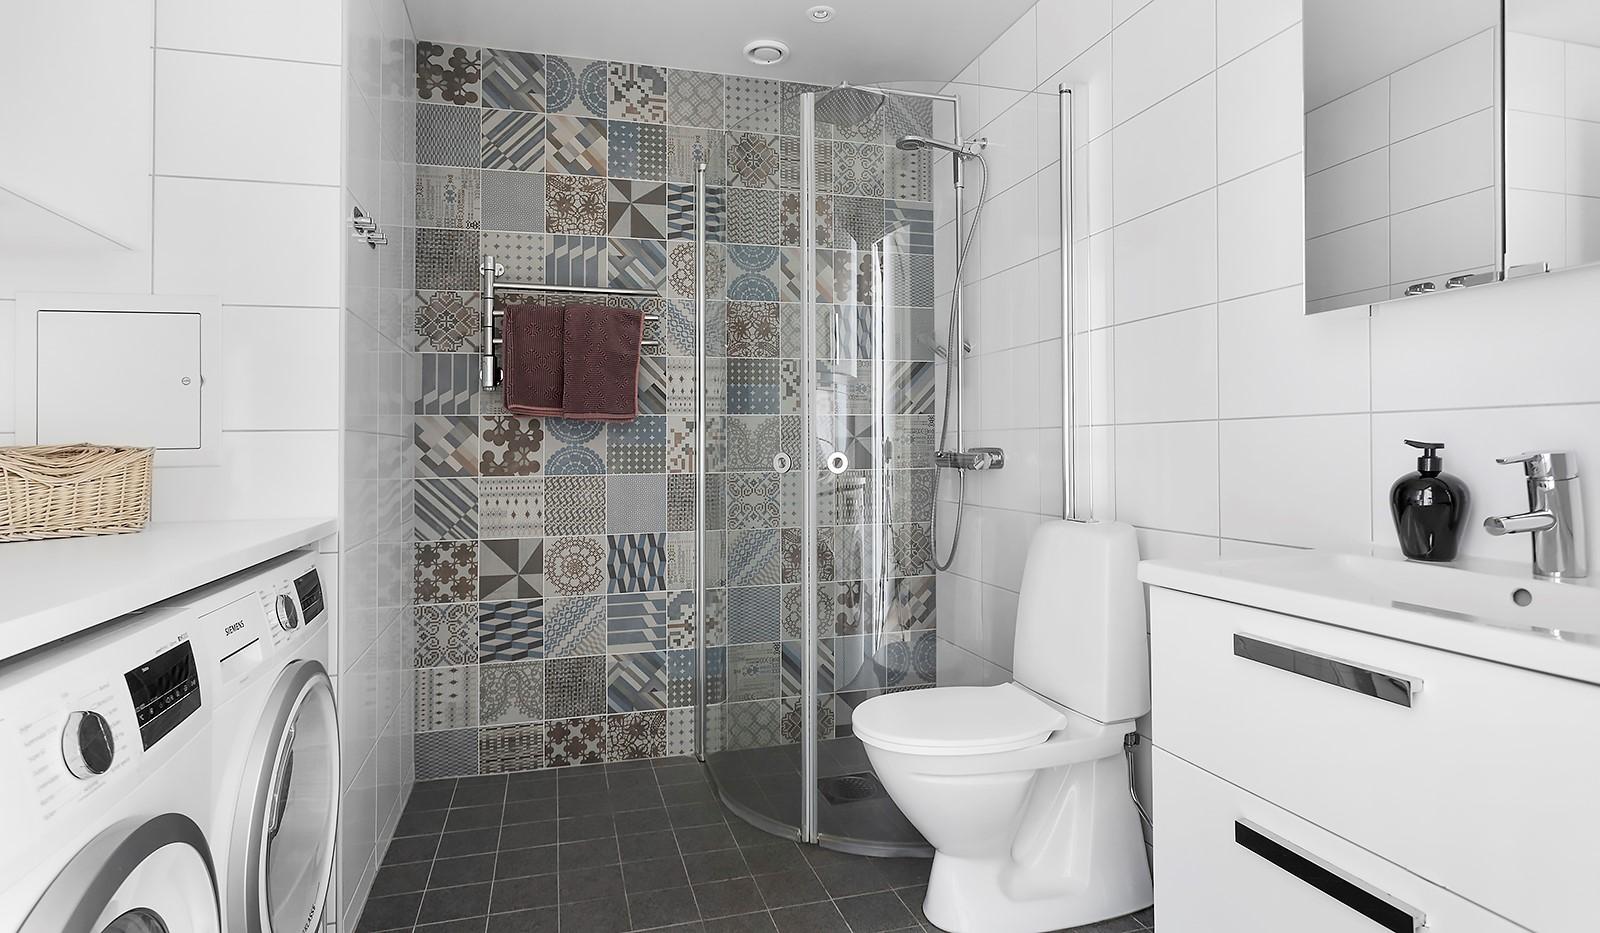 Fredriksdalsgatan 24, vån 2 - Stilrent badrum med vacker fondvägg